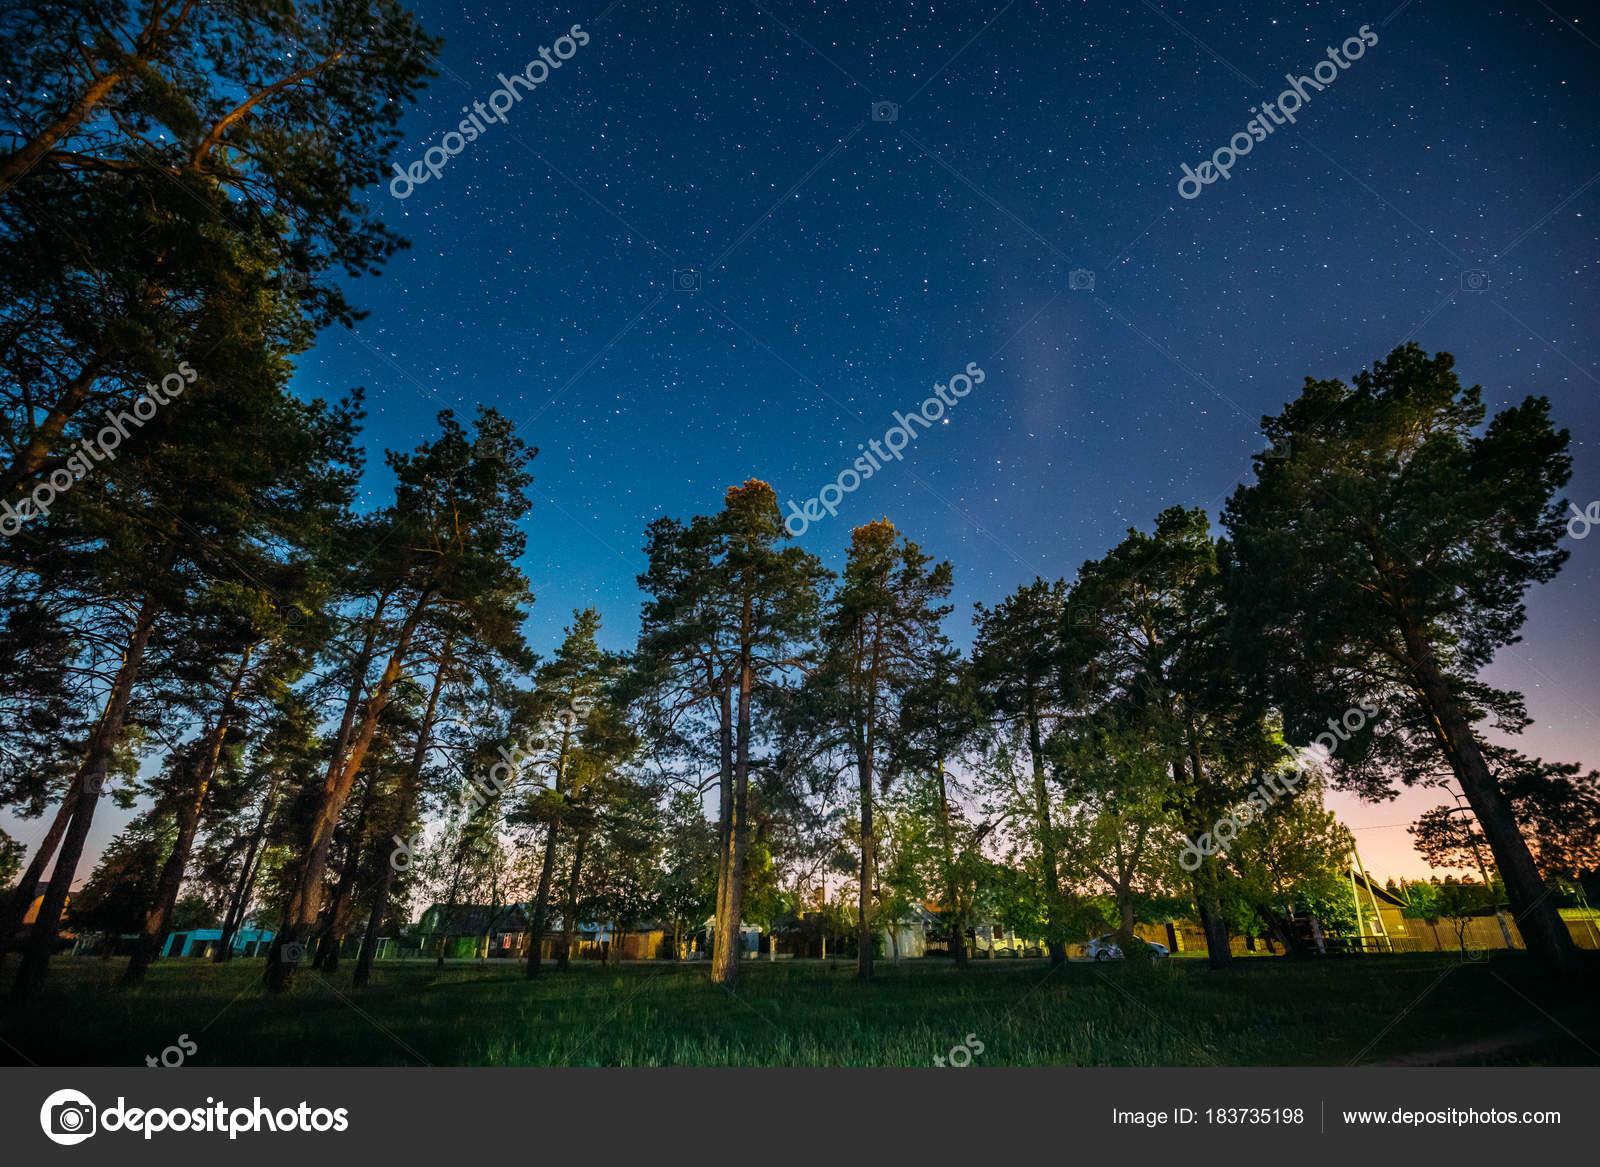 Imágenes: Bosques Nocturnos